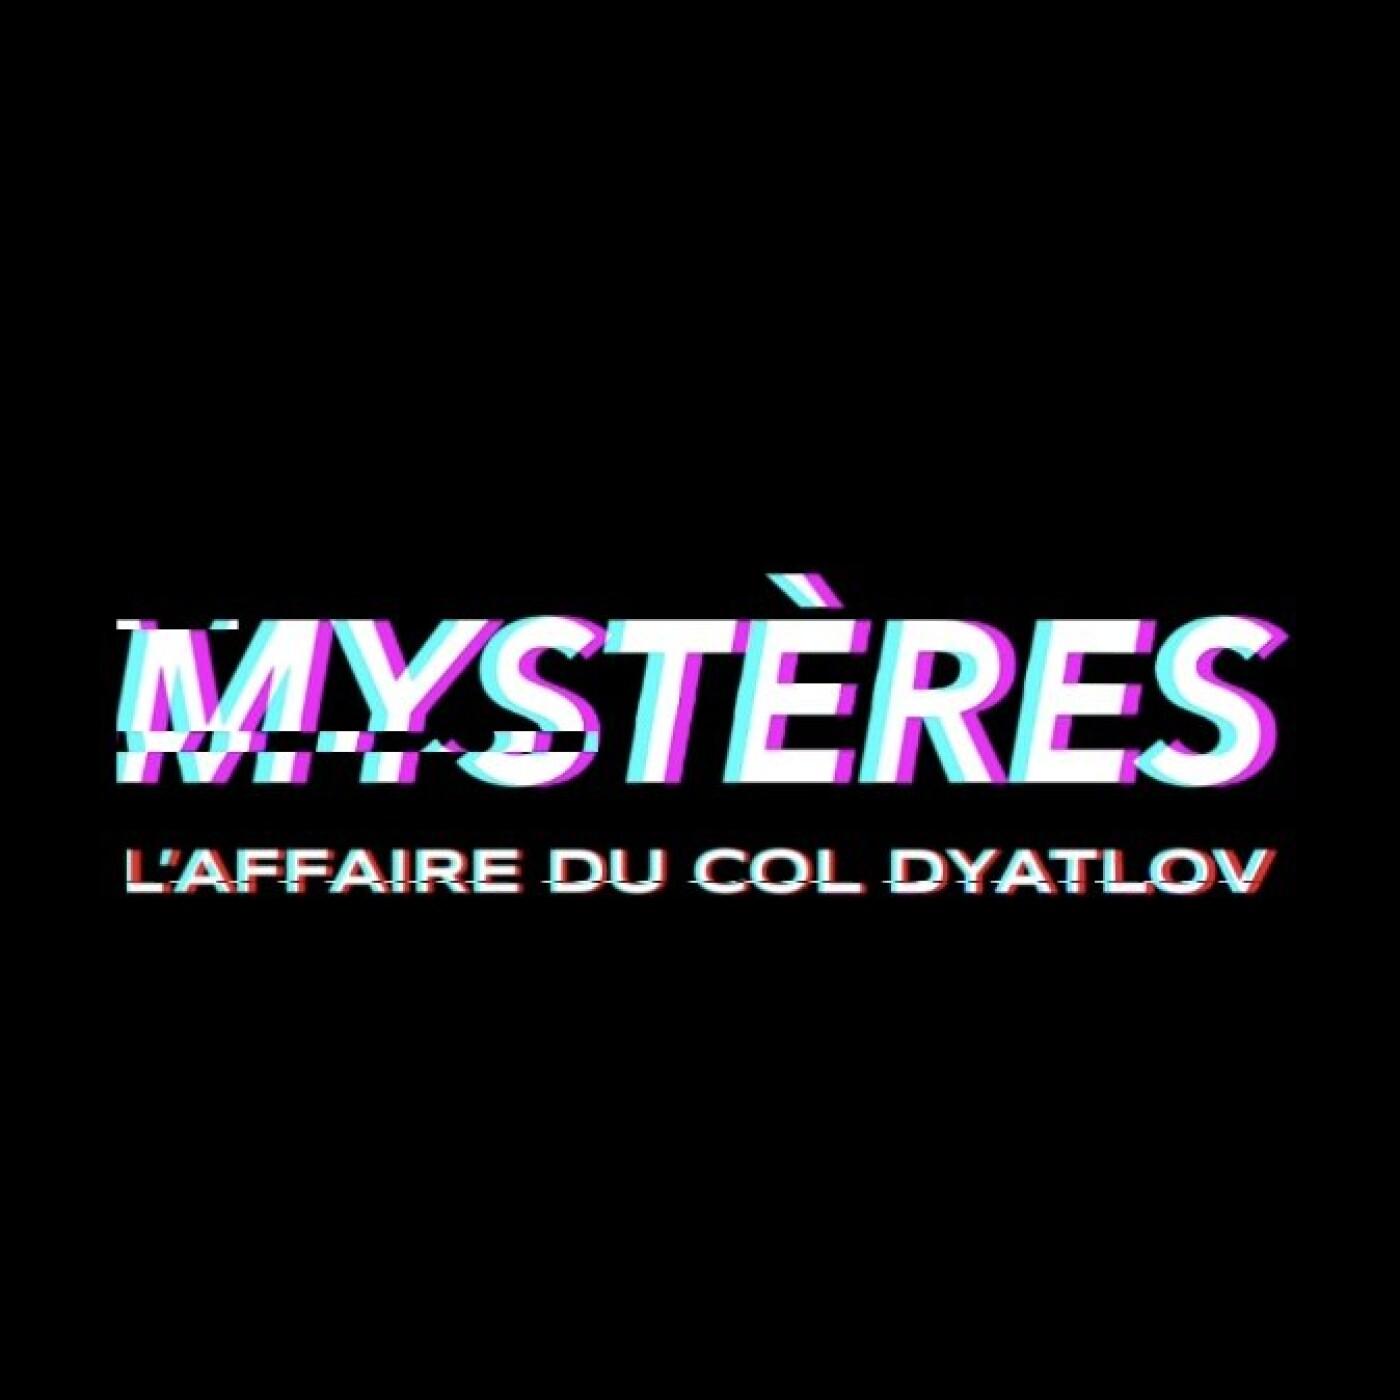 MYSTERES #01 - L'affaire du col Dyatlov